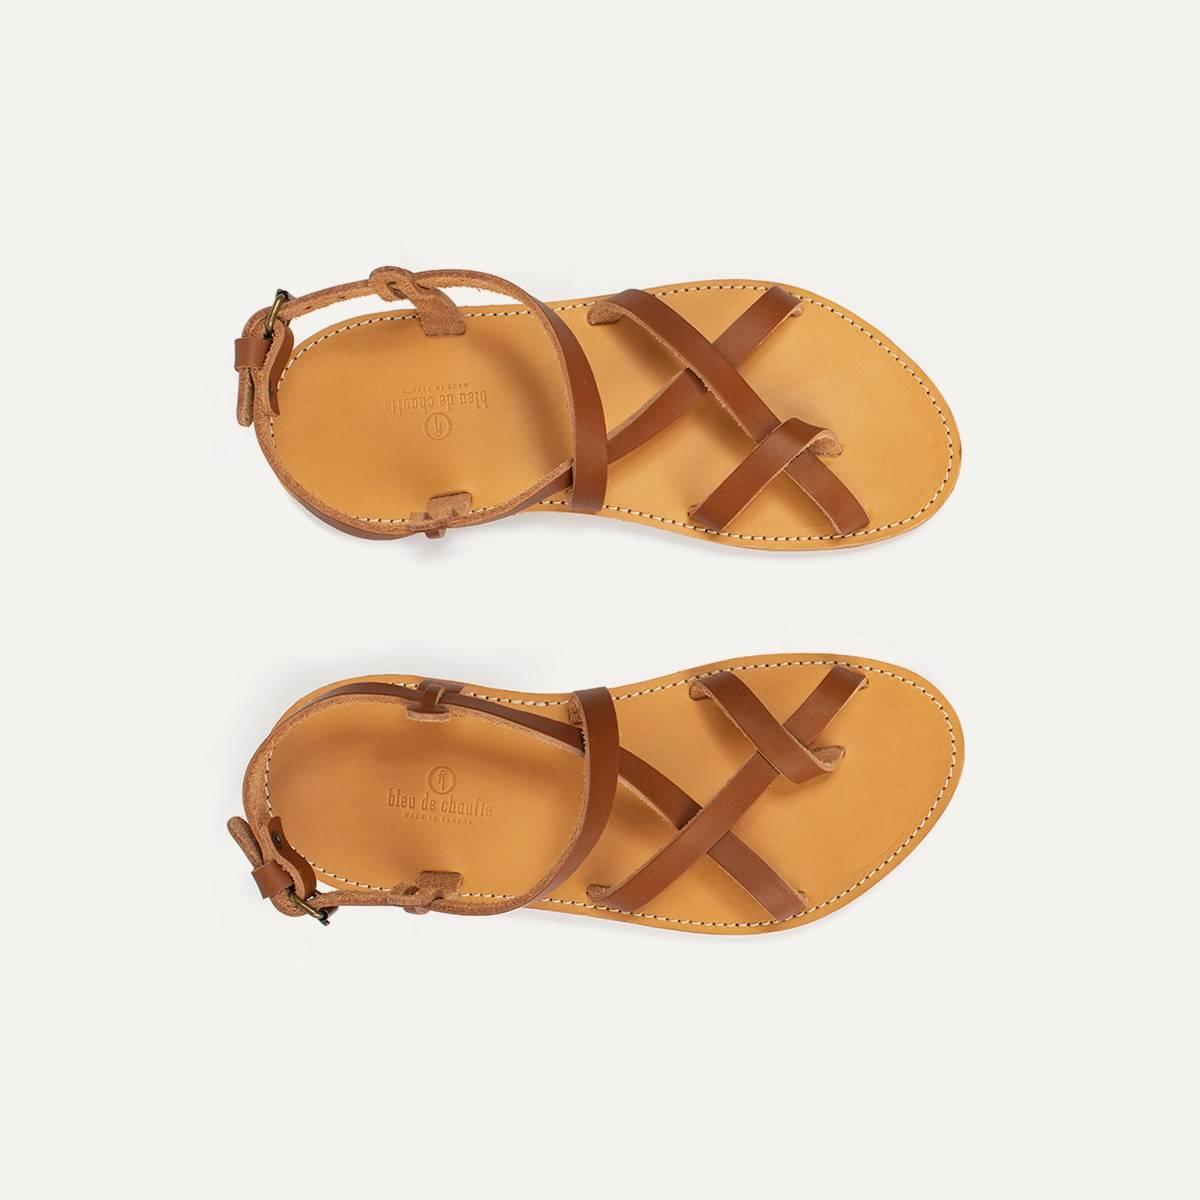 Sandales cuir Nara - Pain Brûlé (image n°1)